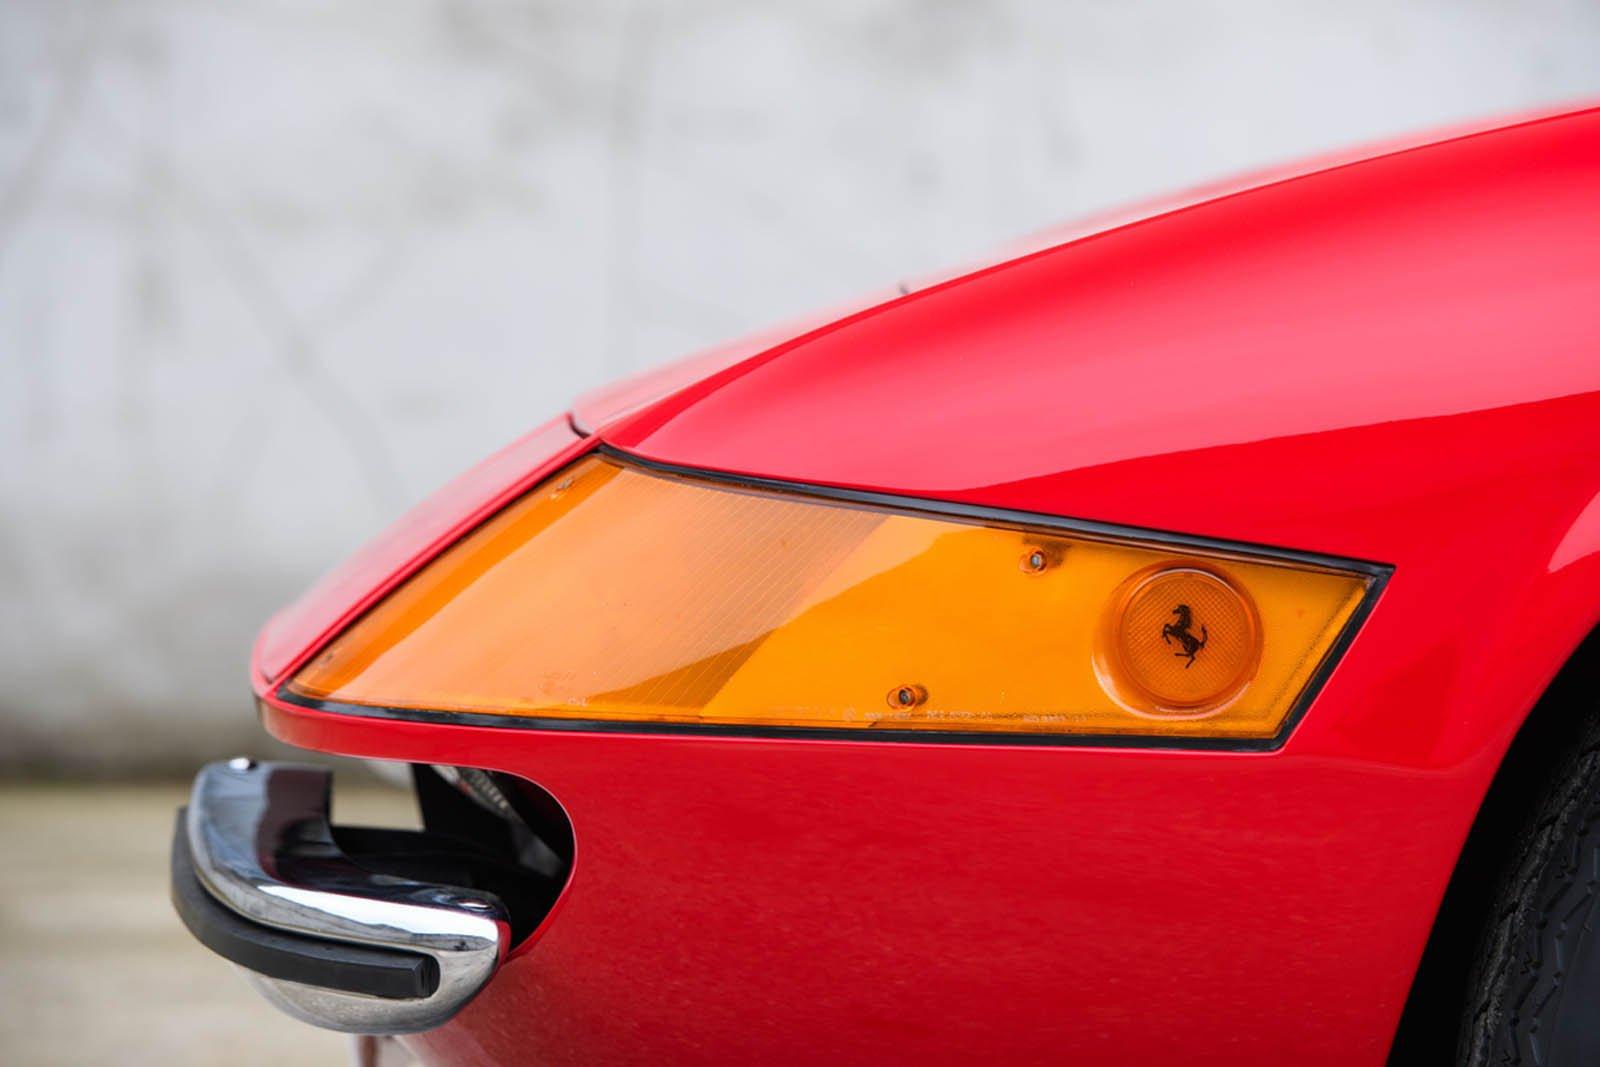 Ferrari-365-GTB4-Daytona-ex-Elton-John-7